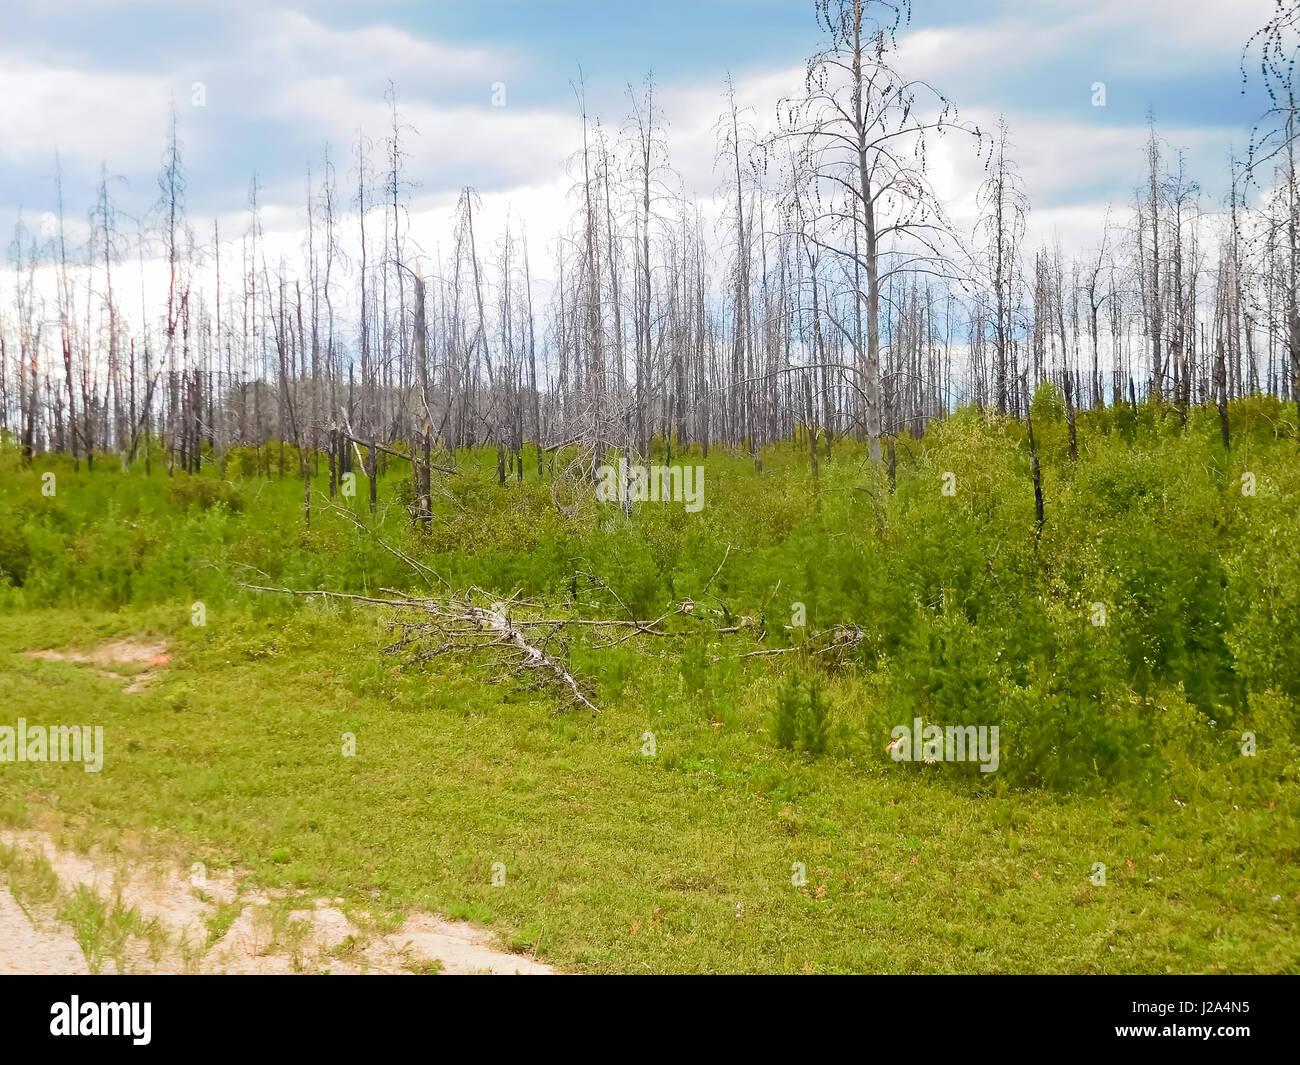 Nachwachsen der Baum nach einem Waldbrand. Stockbild